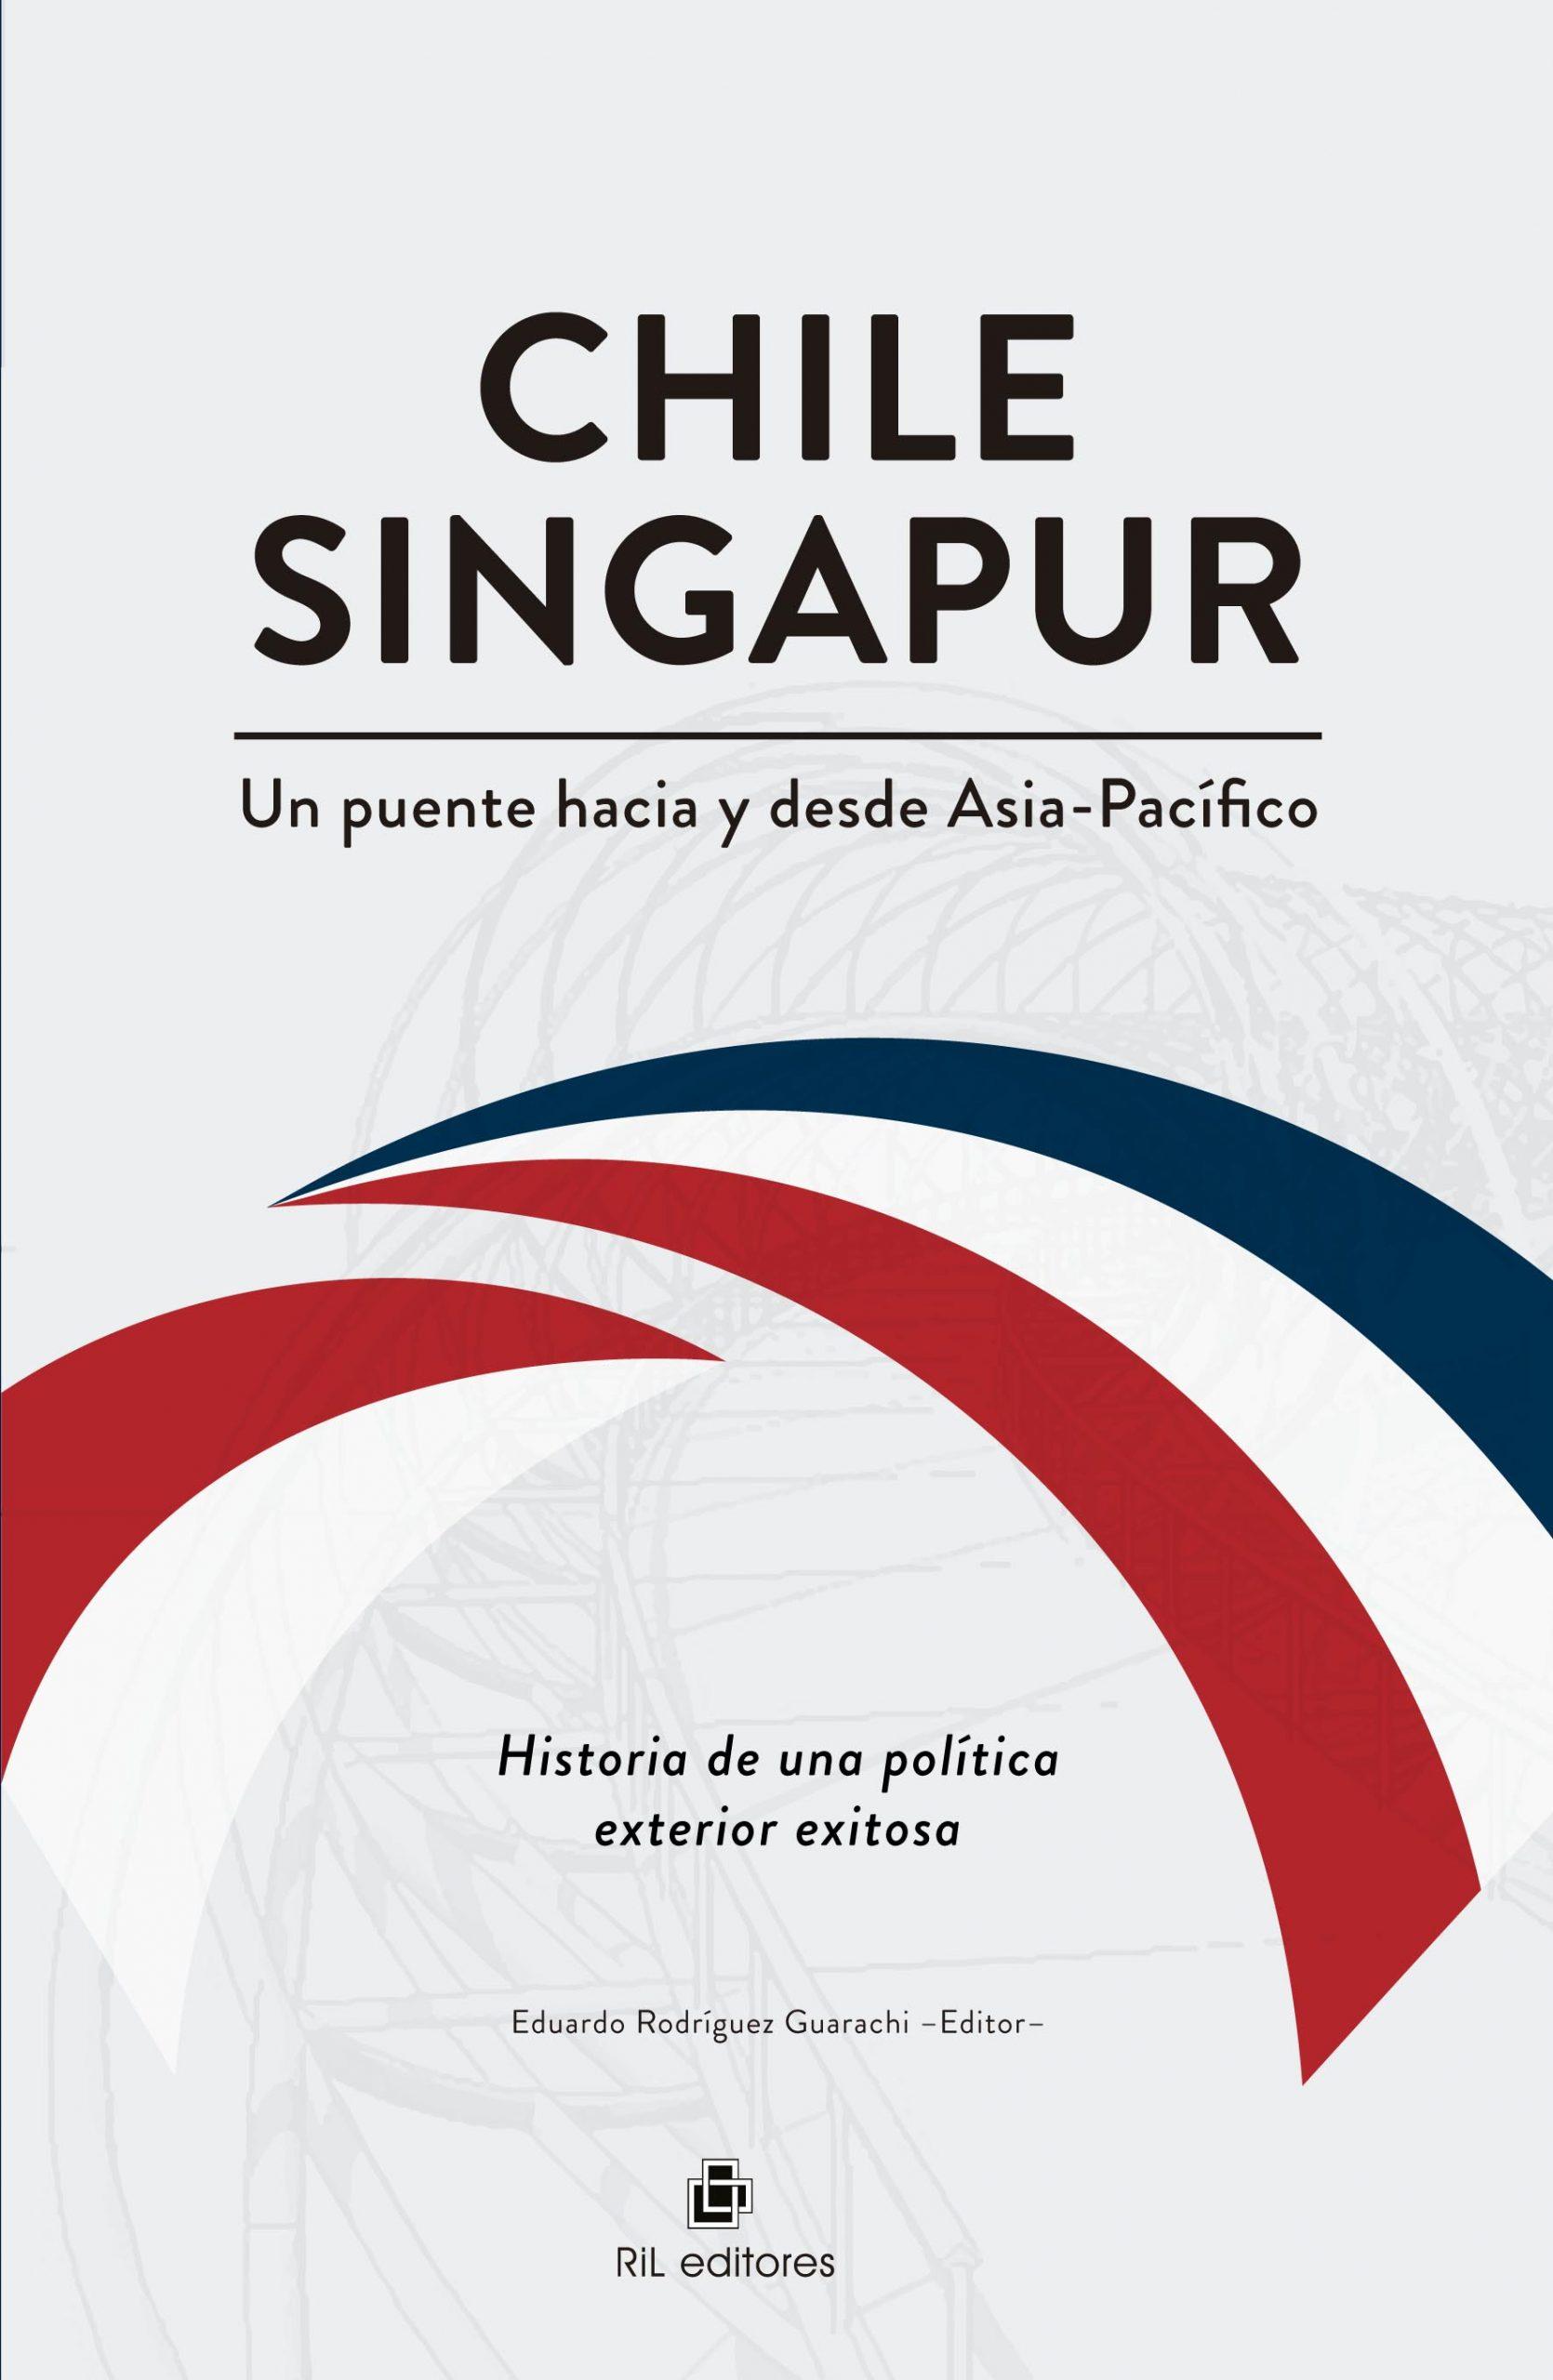 9788418065712 - Rodríguez Guarachi, Eduardo - 2021 - Chile Singapur-1